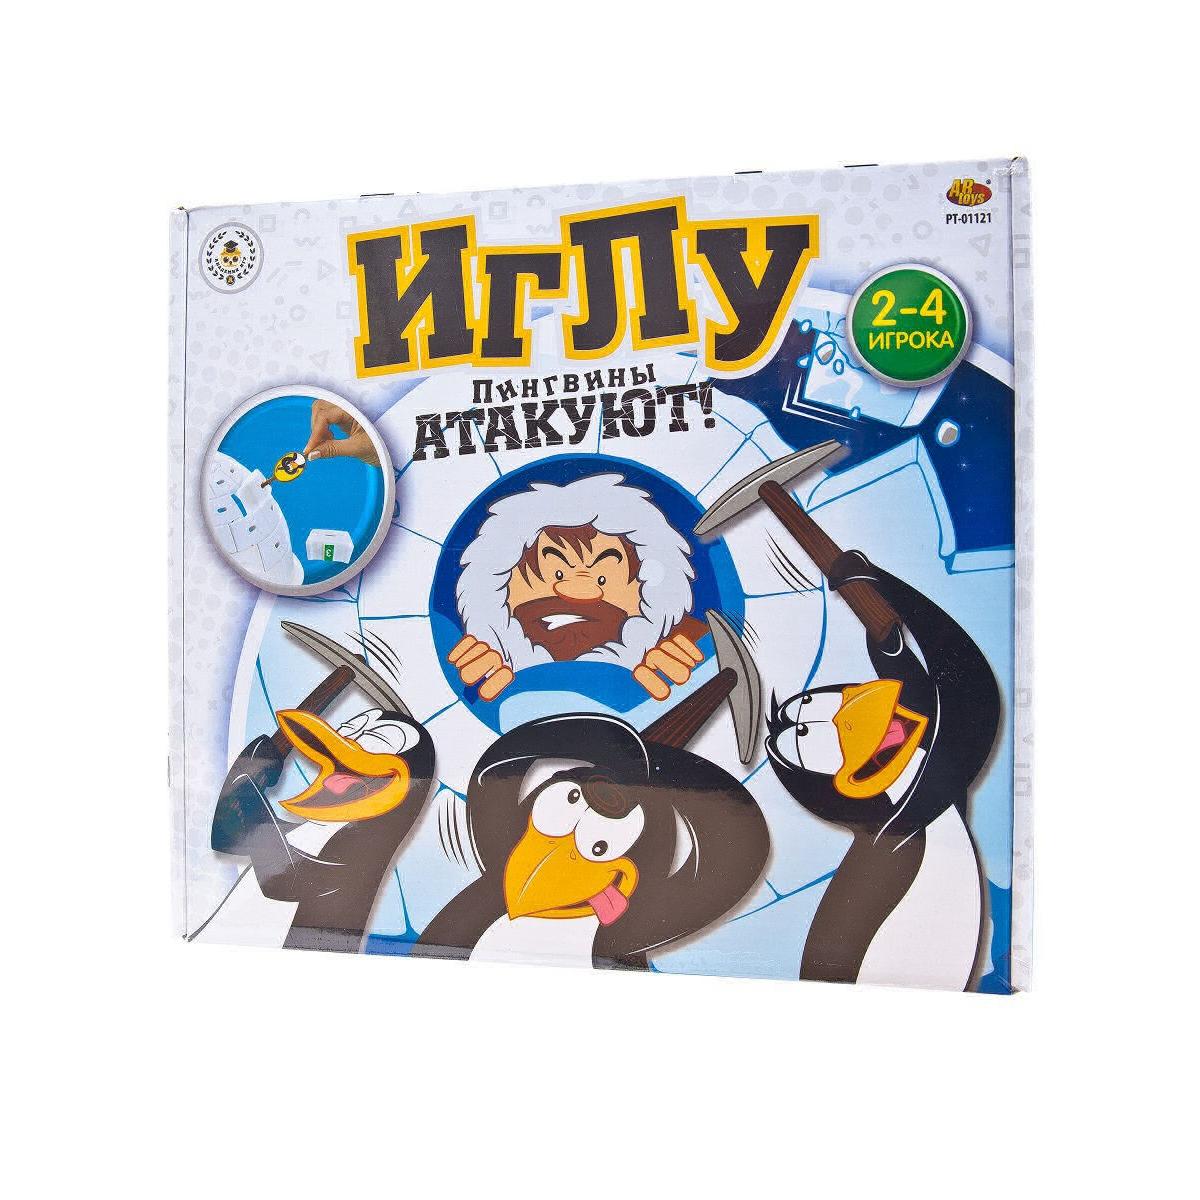 Игра настольная ABtoys Иглу PT-01121 настольная игра abtoys мир домино pt 00820